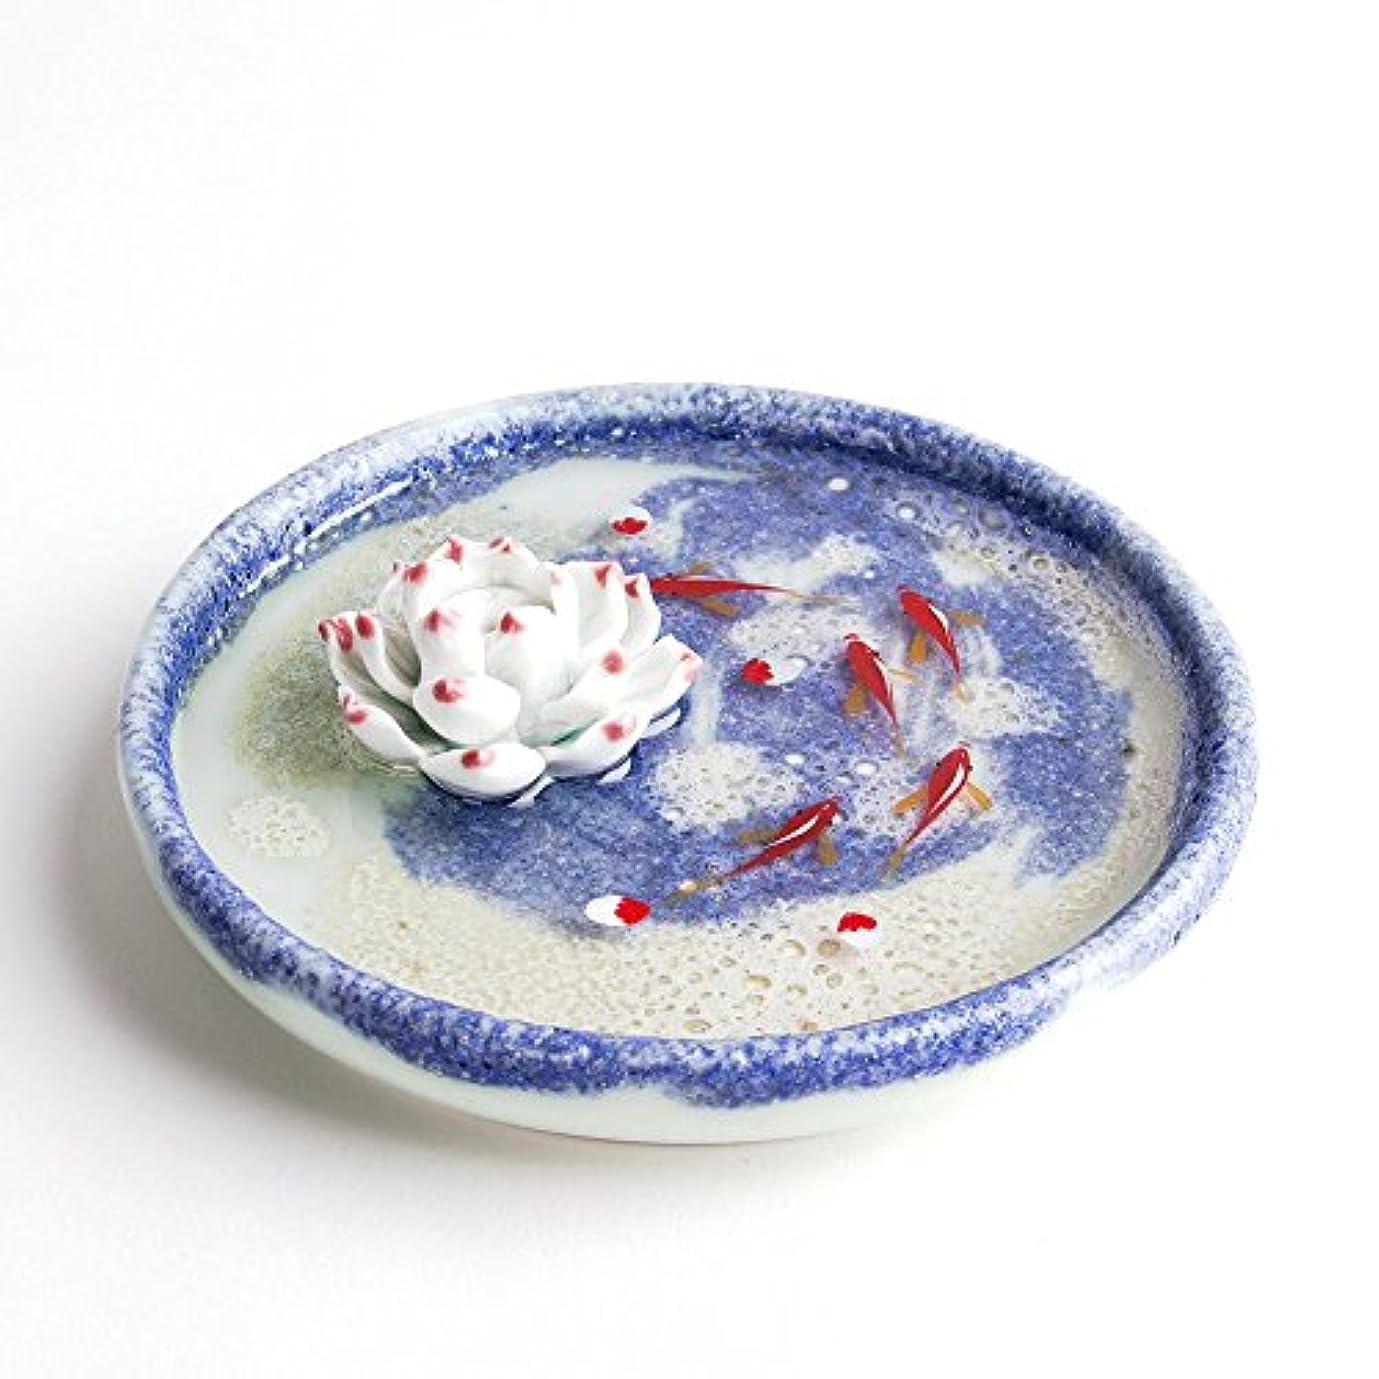 二層種壊れたお香立て お香たて 香の器 お香を焚いて 香皿,陶磁器、ブルー